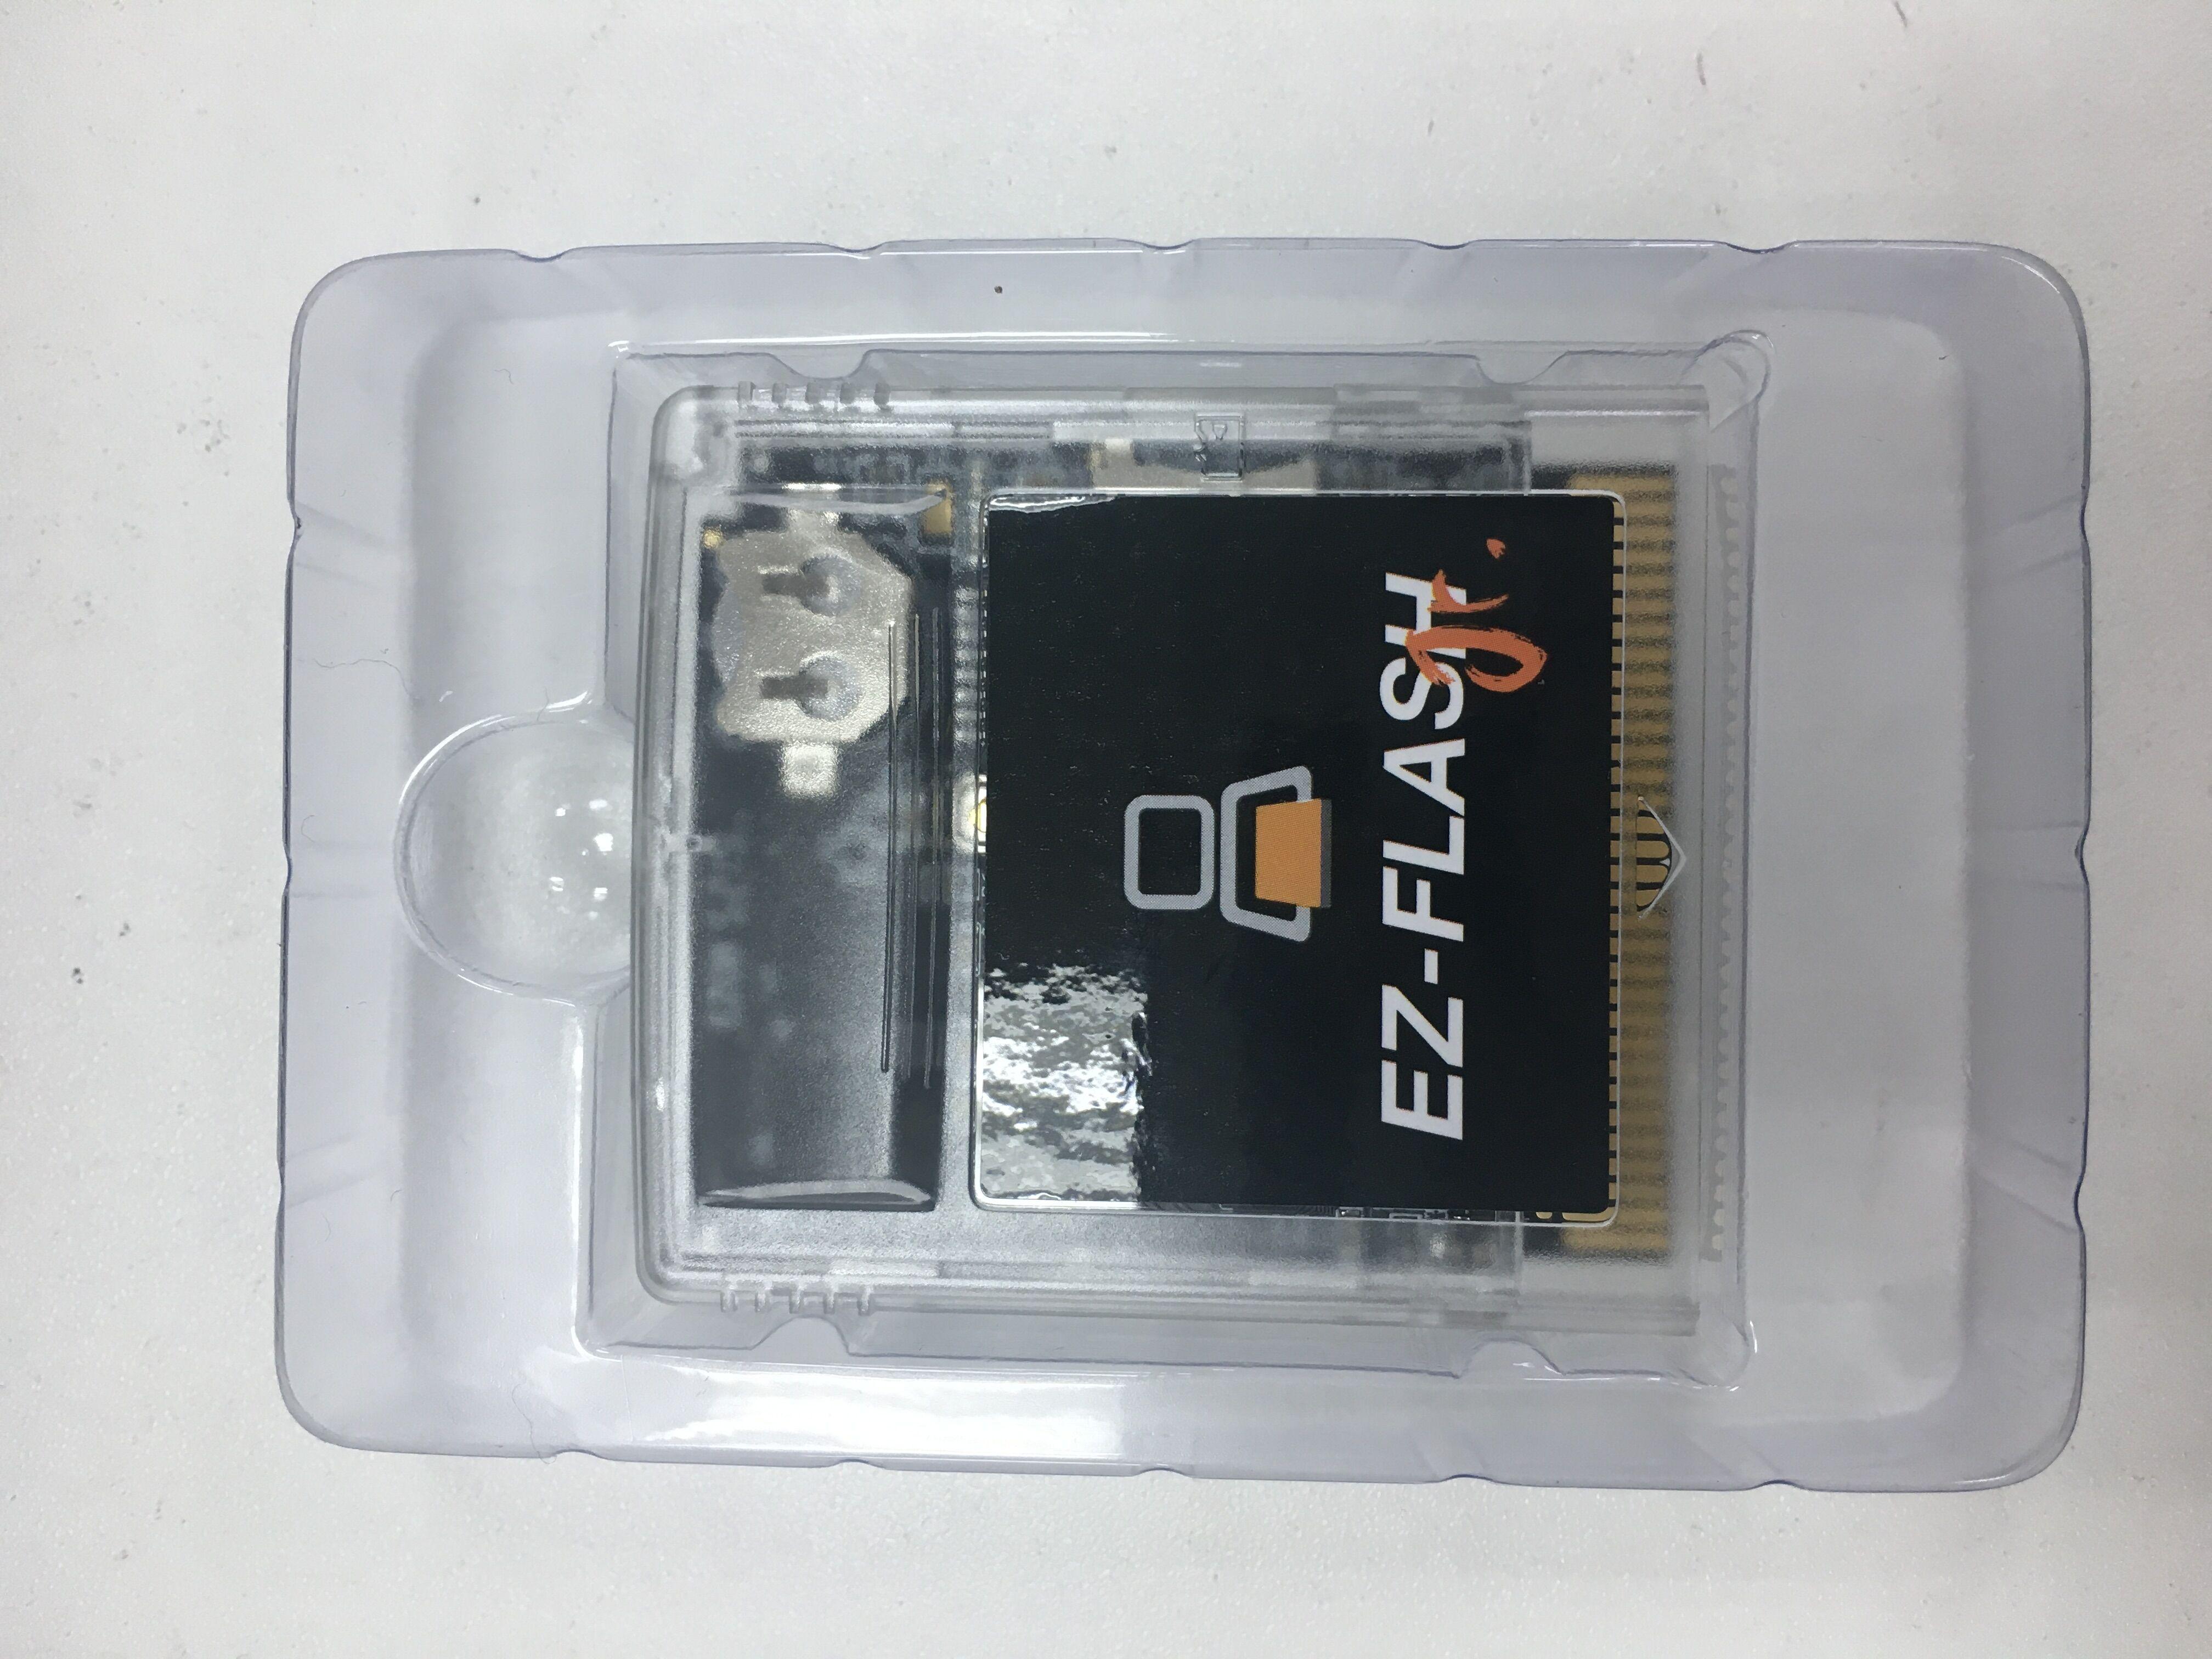 Игровой Картридж с часами в режиме реального времени для EZ-Flash Junior для игровой консоли GB/GBC, игровой картридж